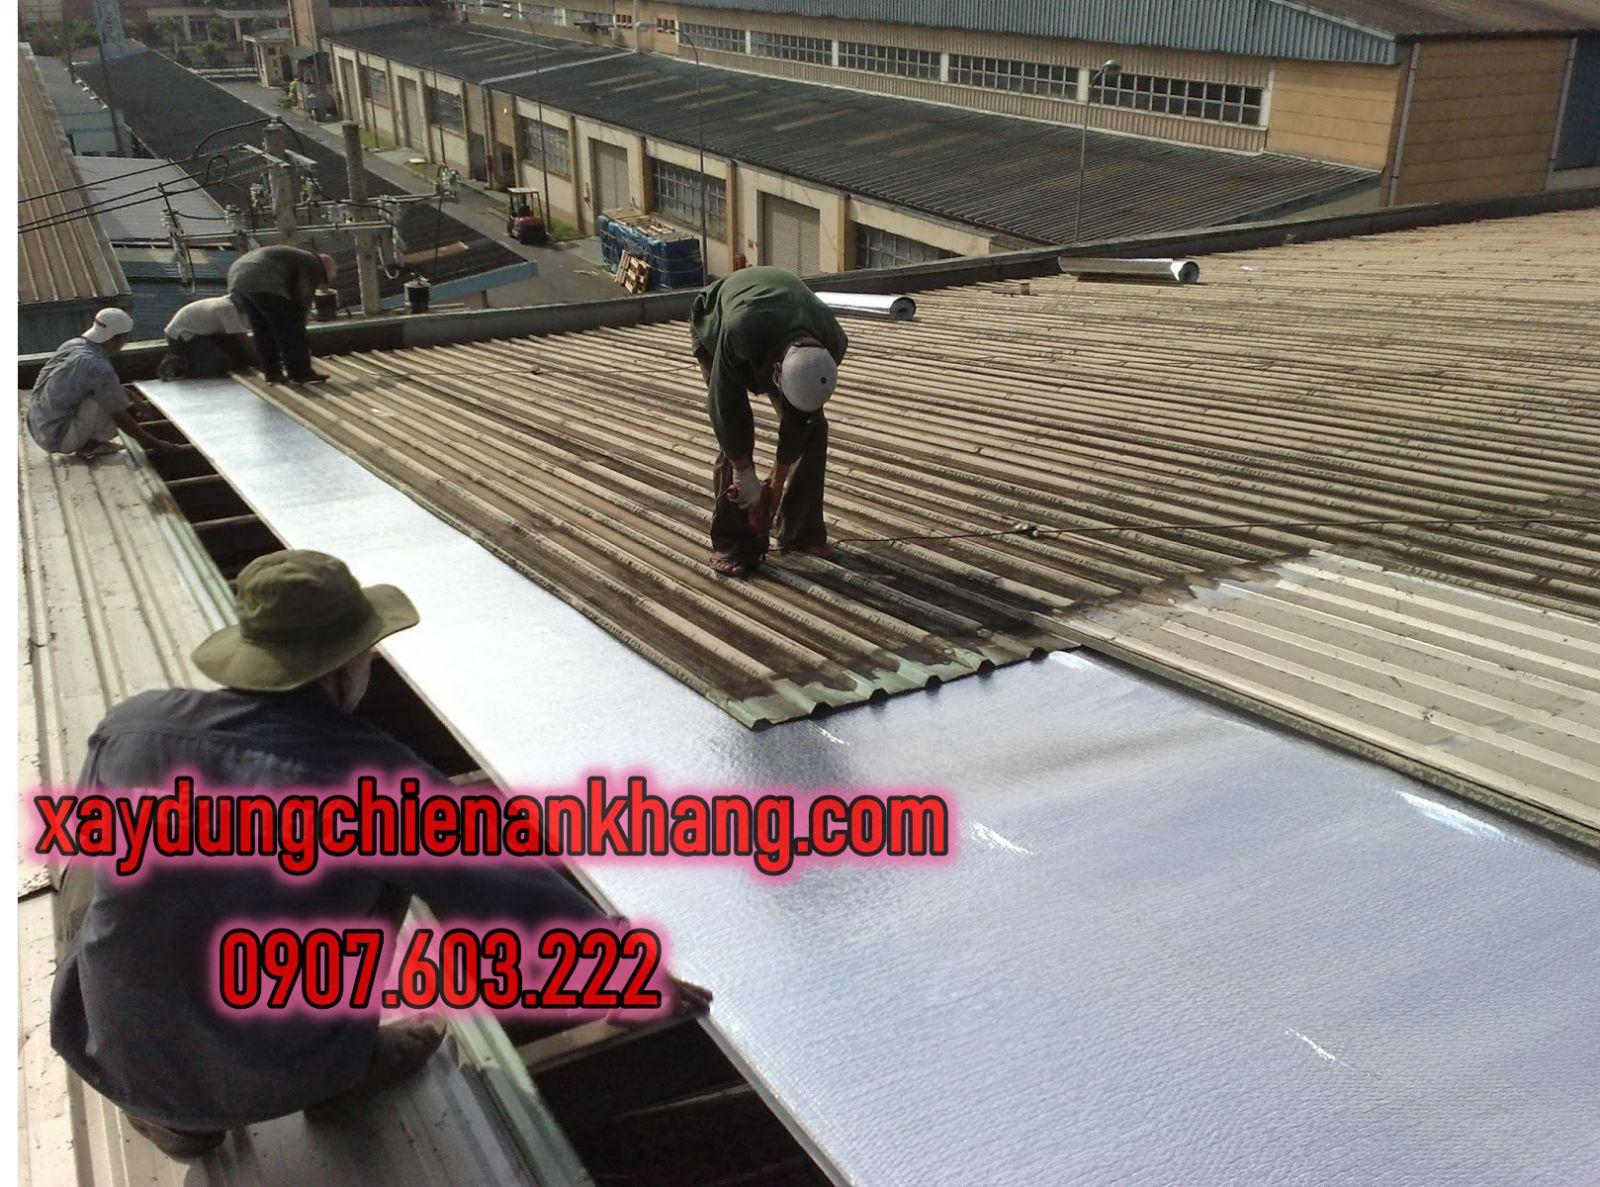 dịch vụ lợp mái tôn nhà xưởng, gia công lại mái tôn, chống nóng mái tôn nhà,